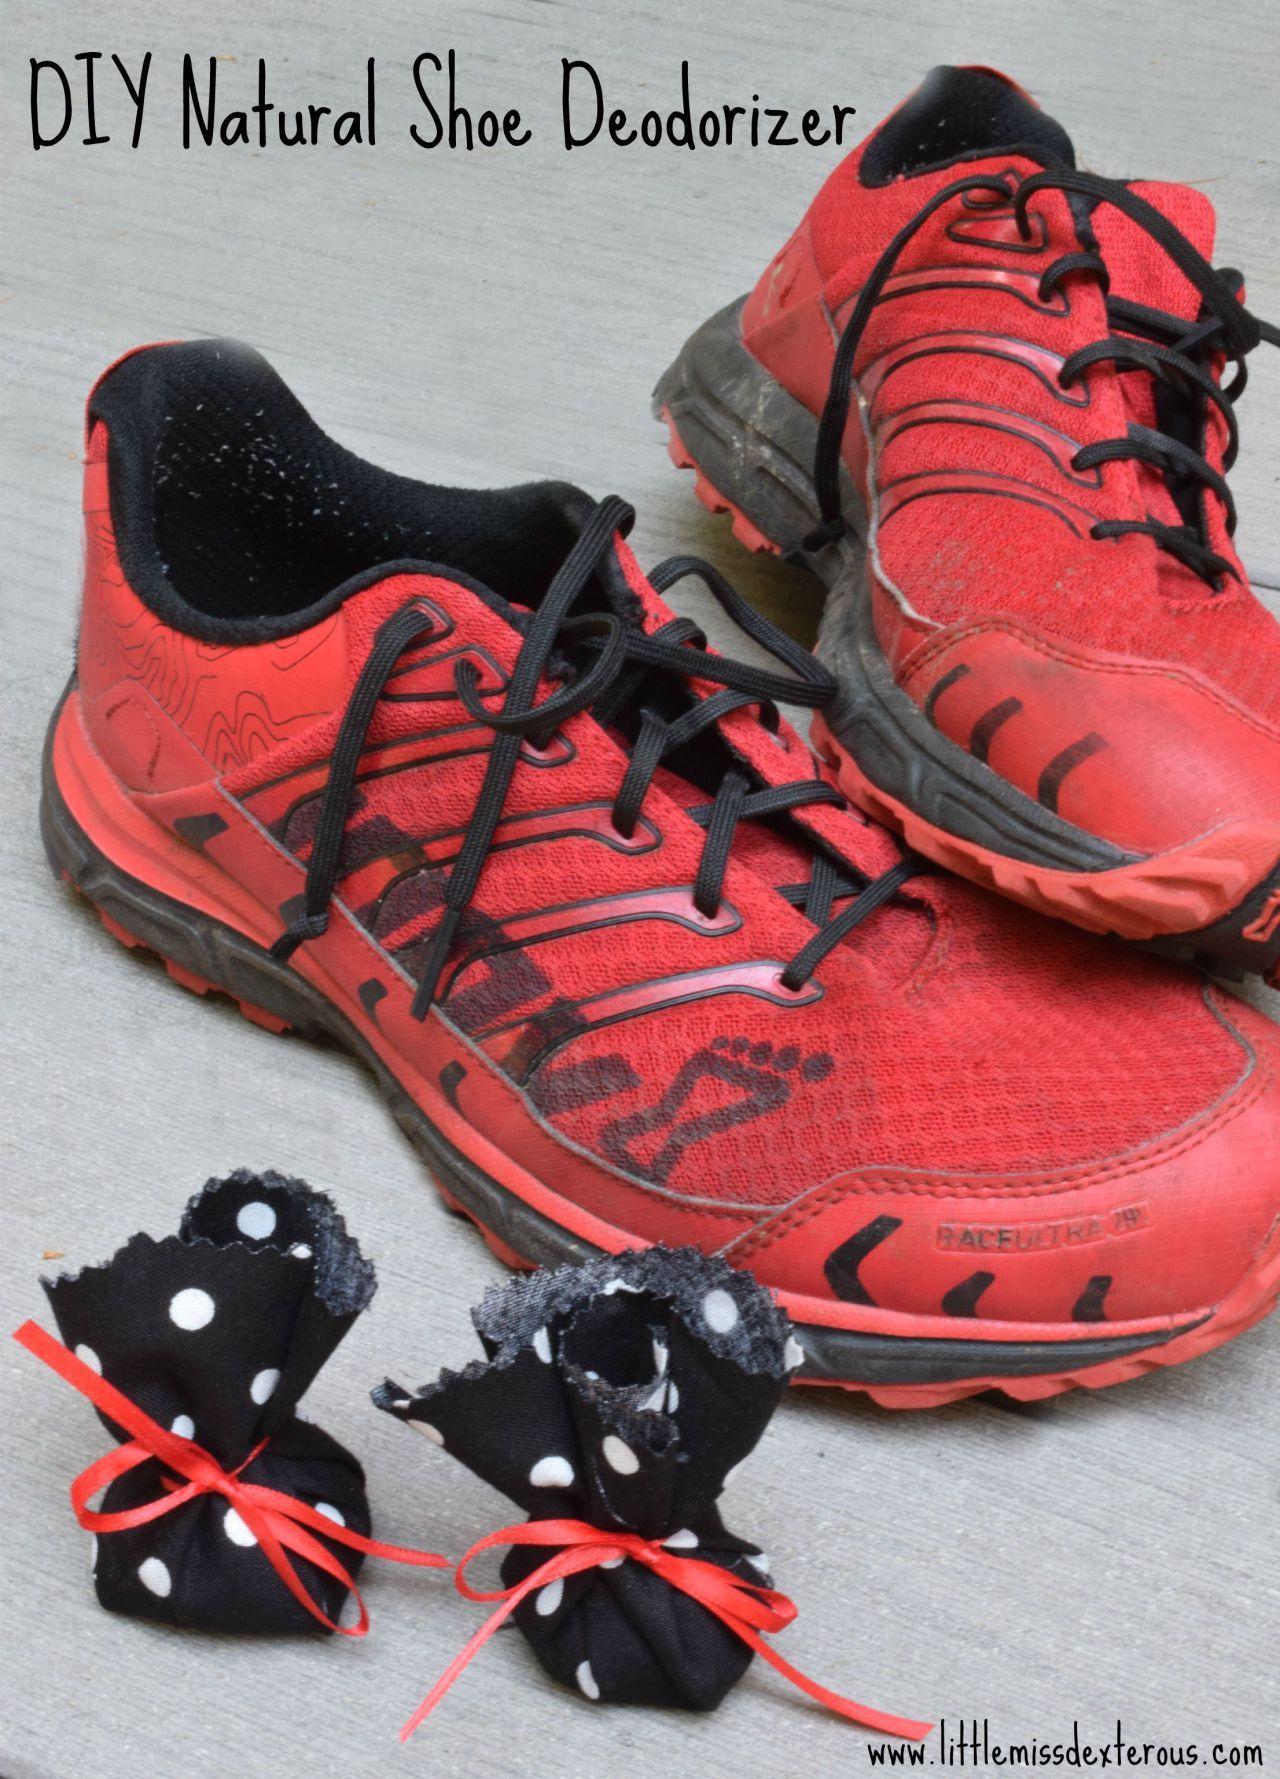 Diy natural shoe deodorizers little miss dexterous